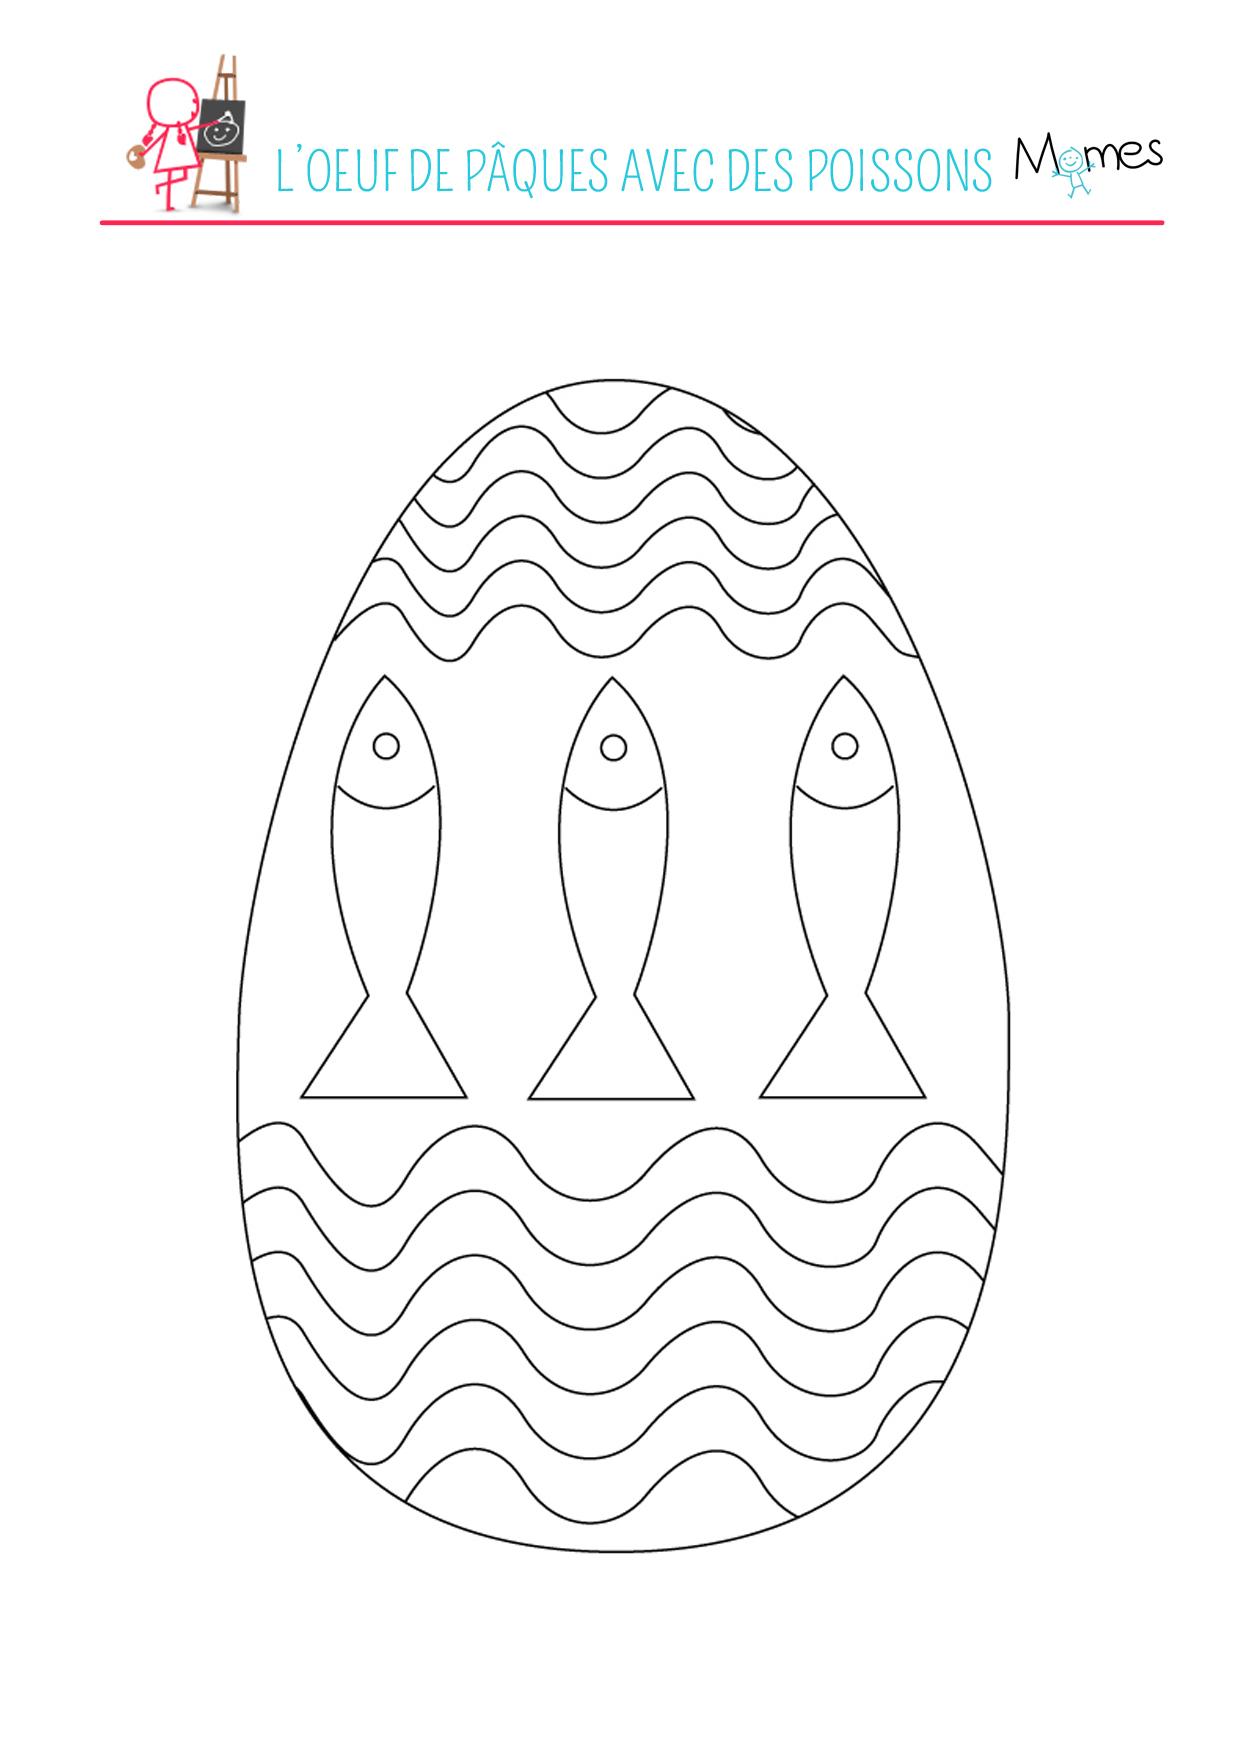 Coloriage de l'œuf de Pâques avec des poissons